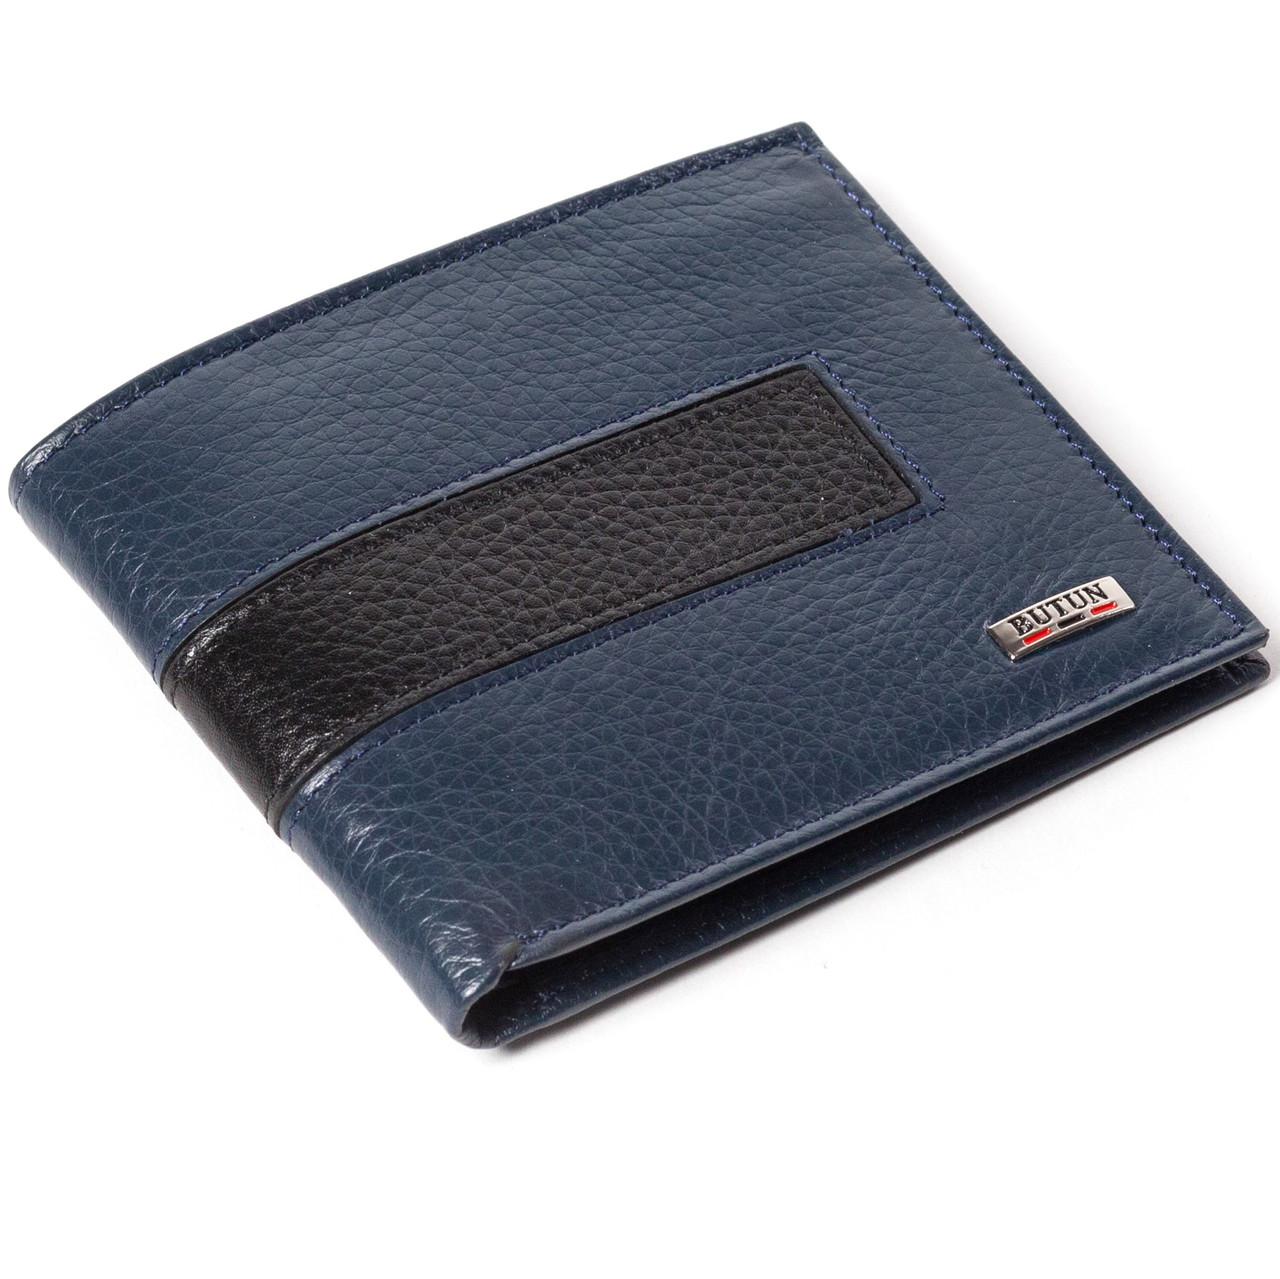 Мужской кошелек кожаный синий BUTUN 118-004-057